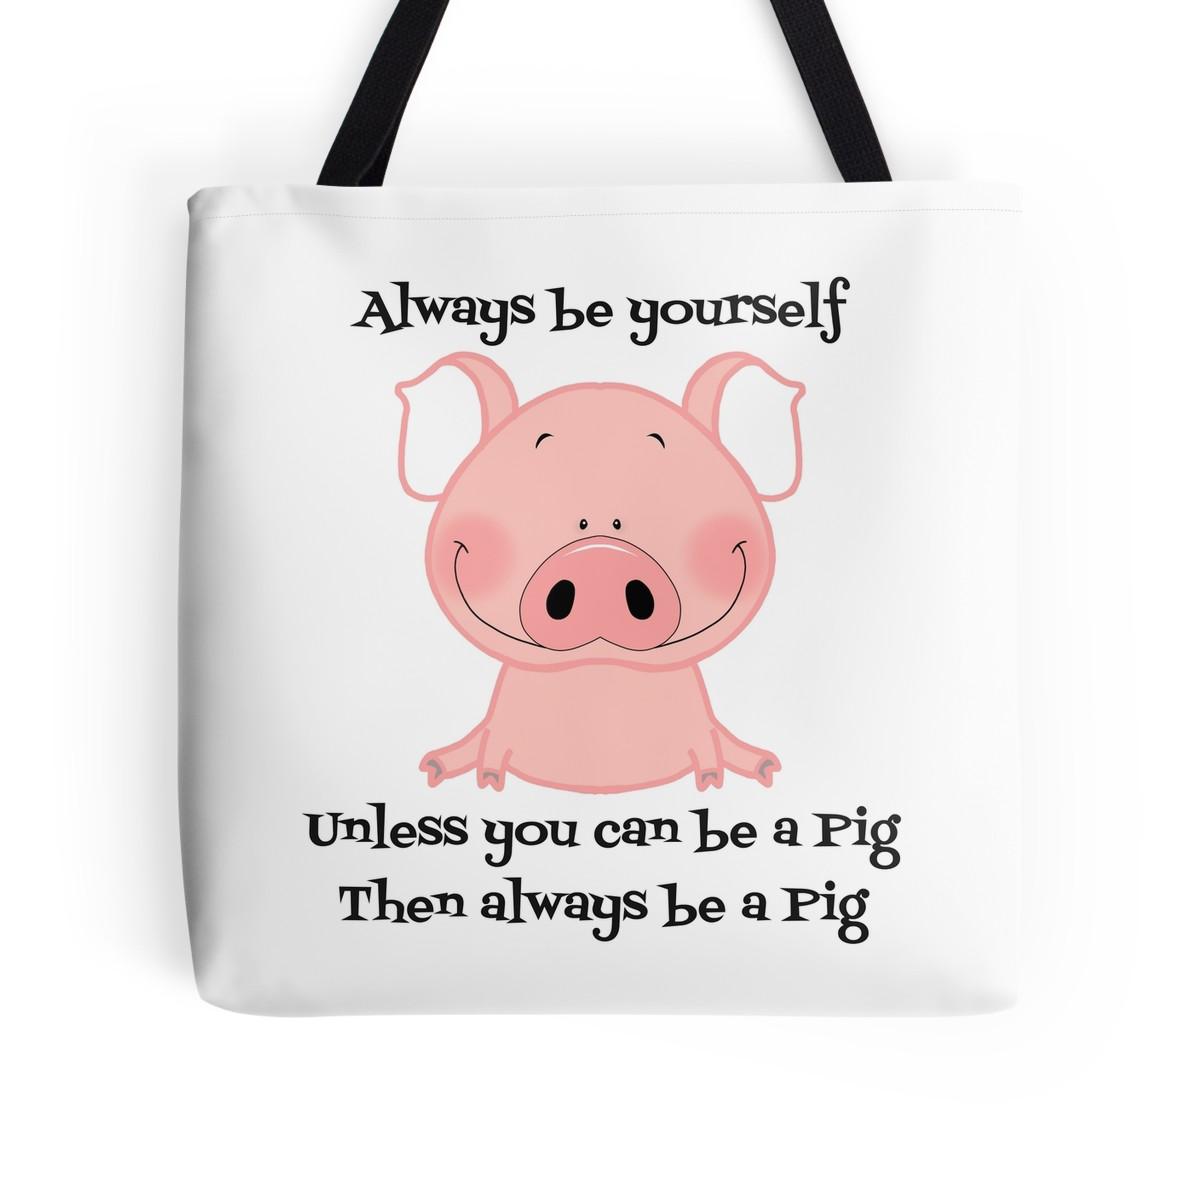 The Piggy Bag